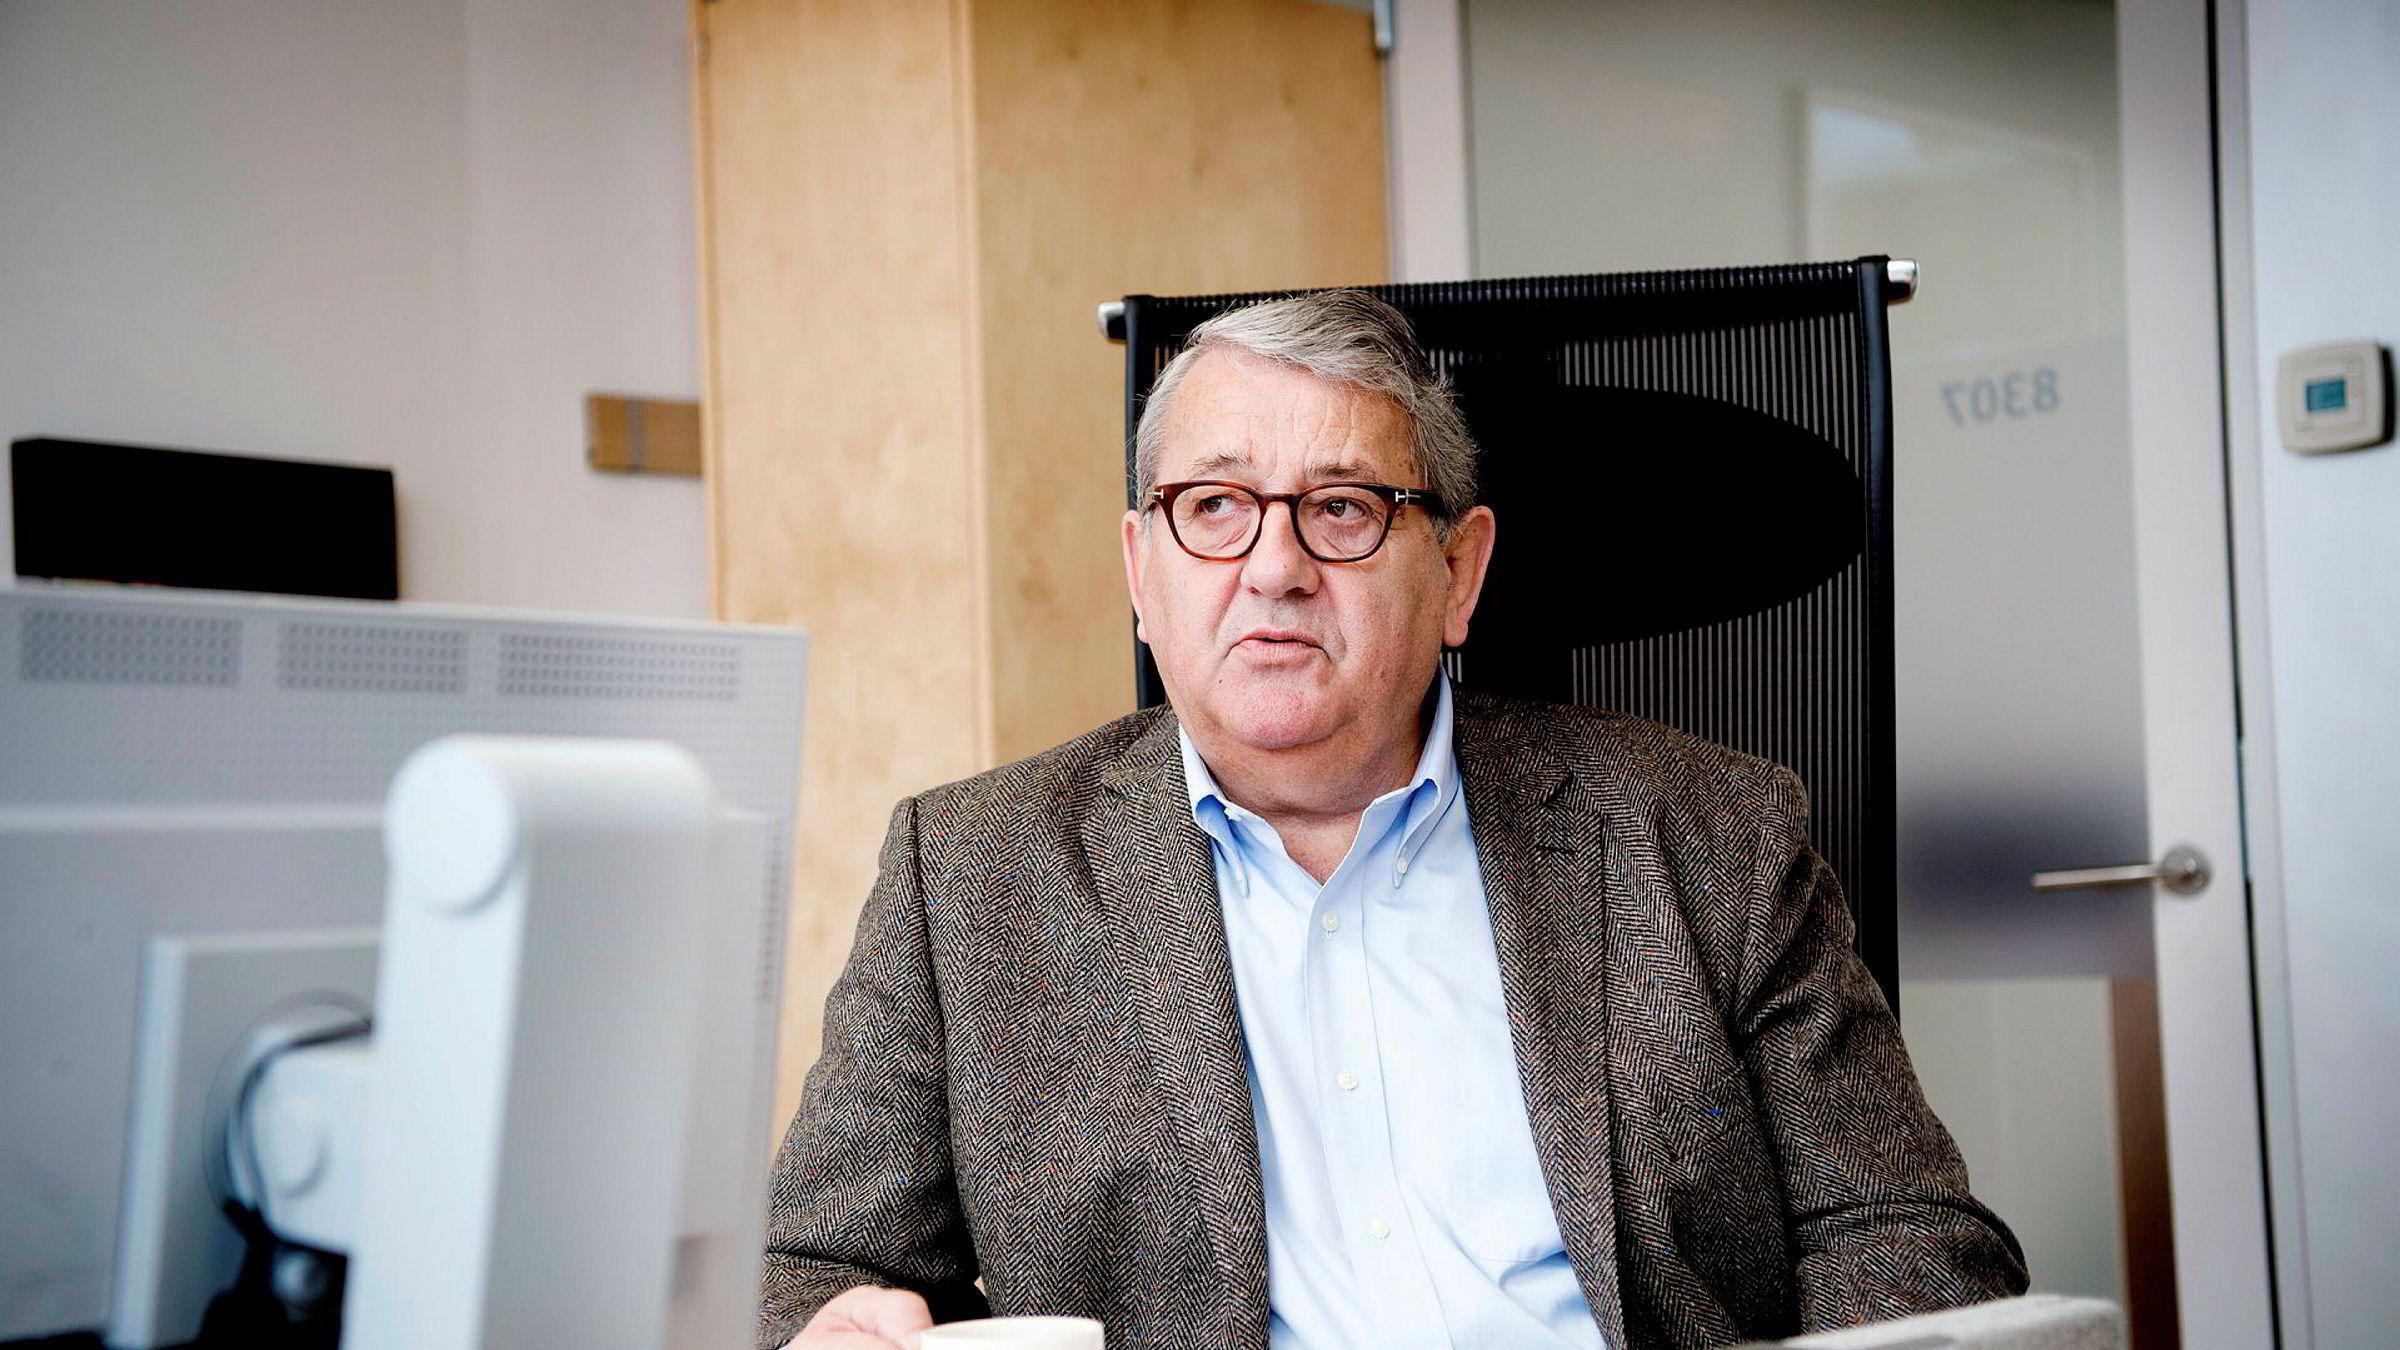 Arbeidsforholdet mellom riksrevisor Per-Kristian Foss og hans nærmeste medarbeider skal endres.